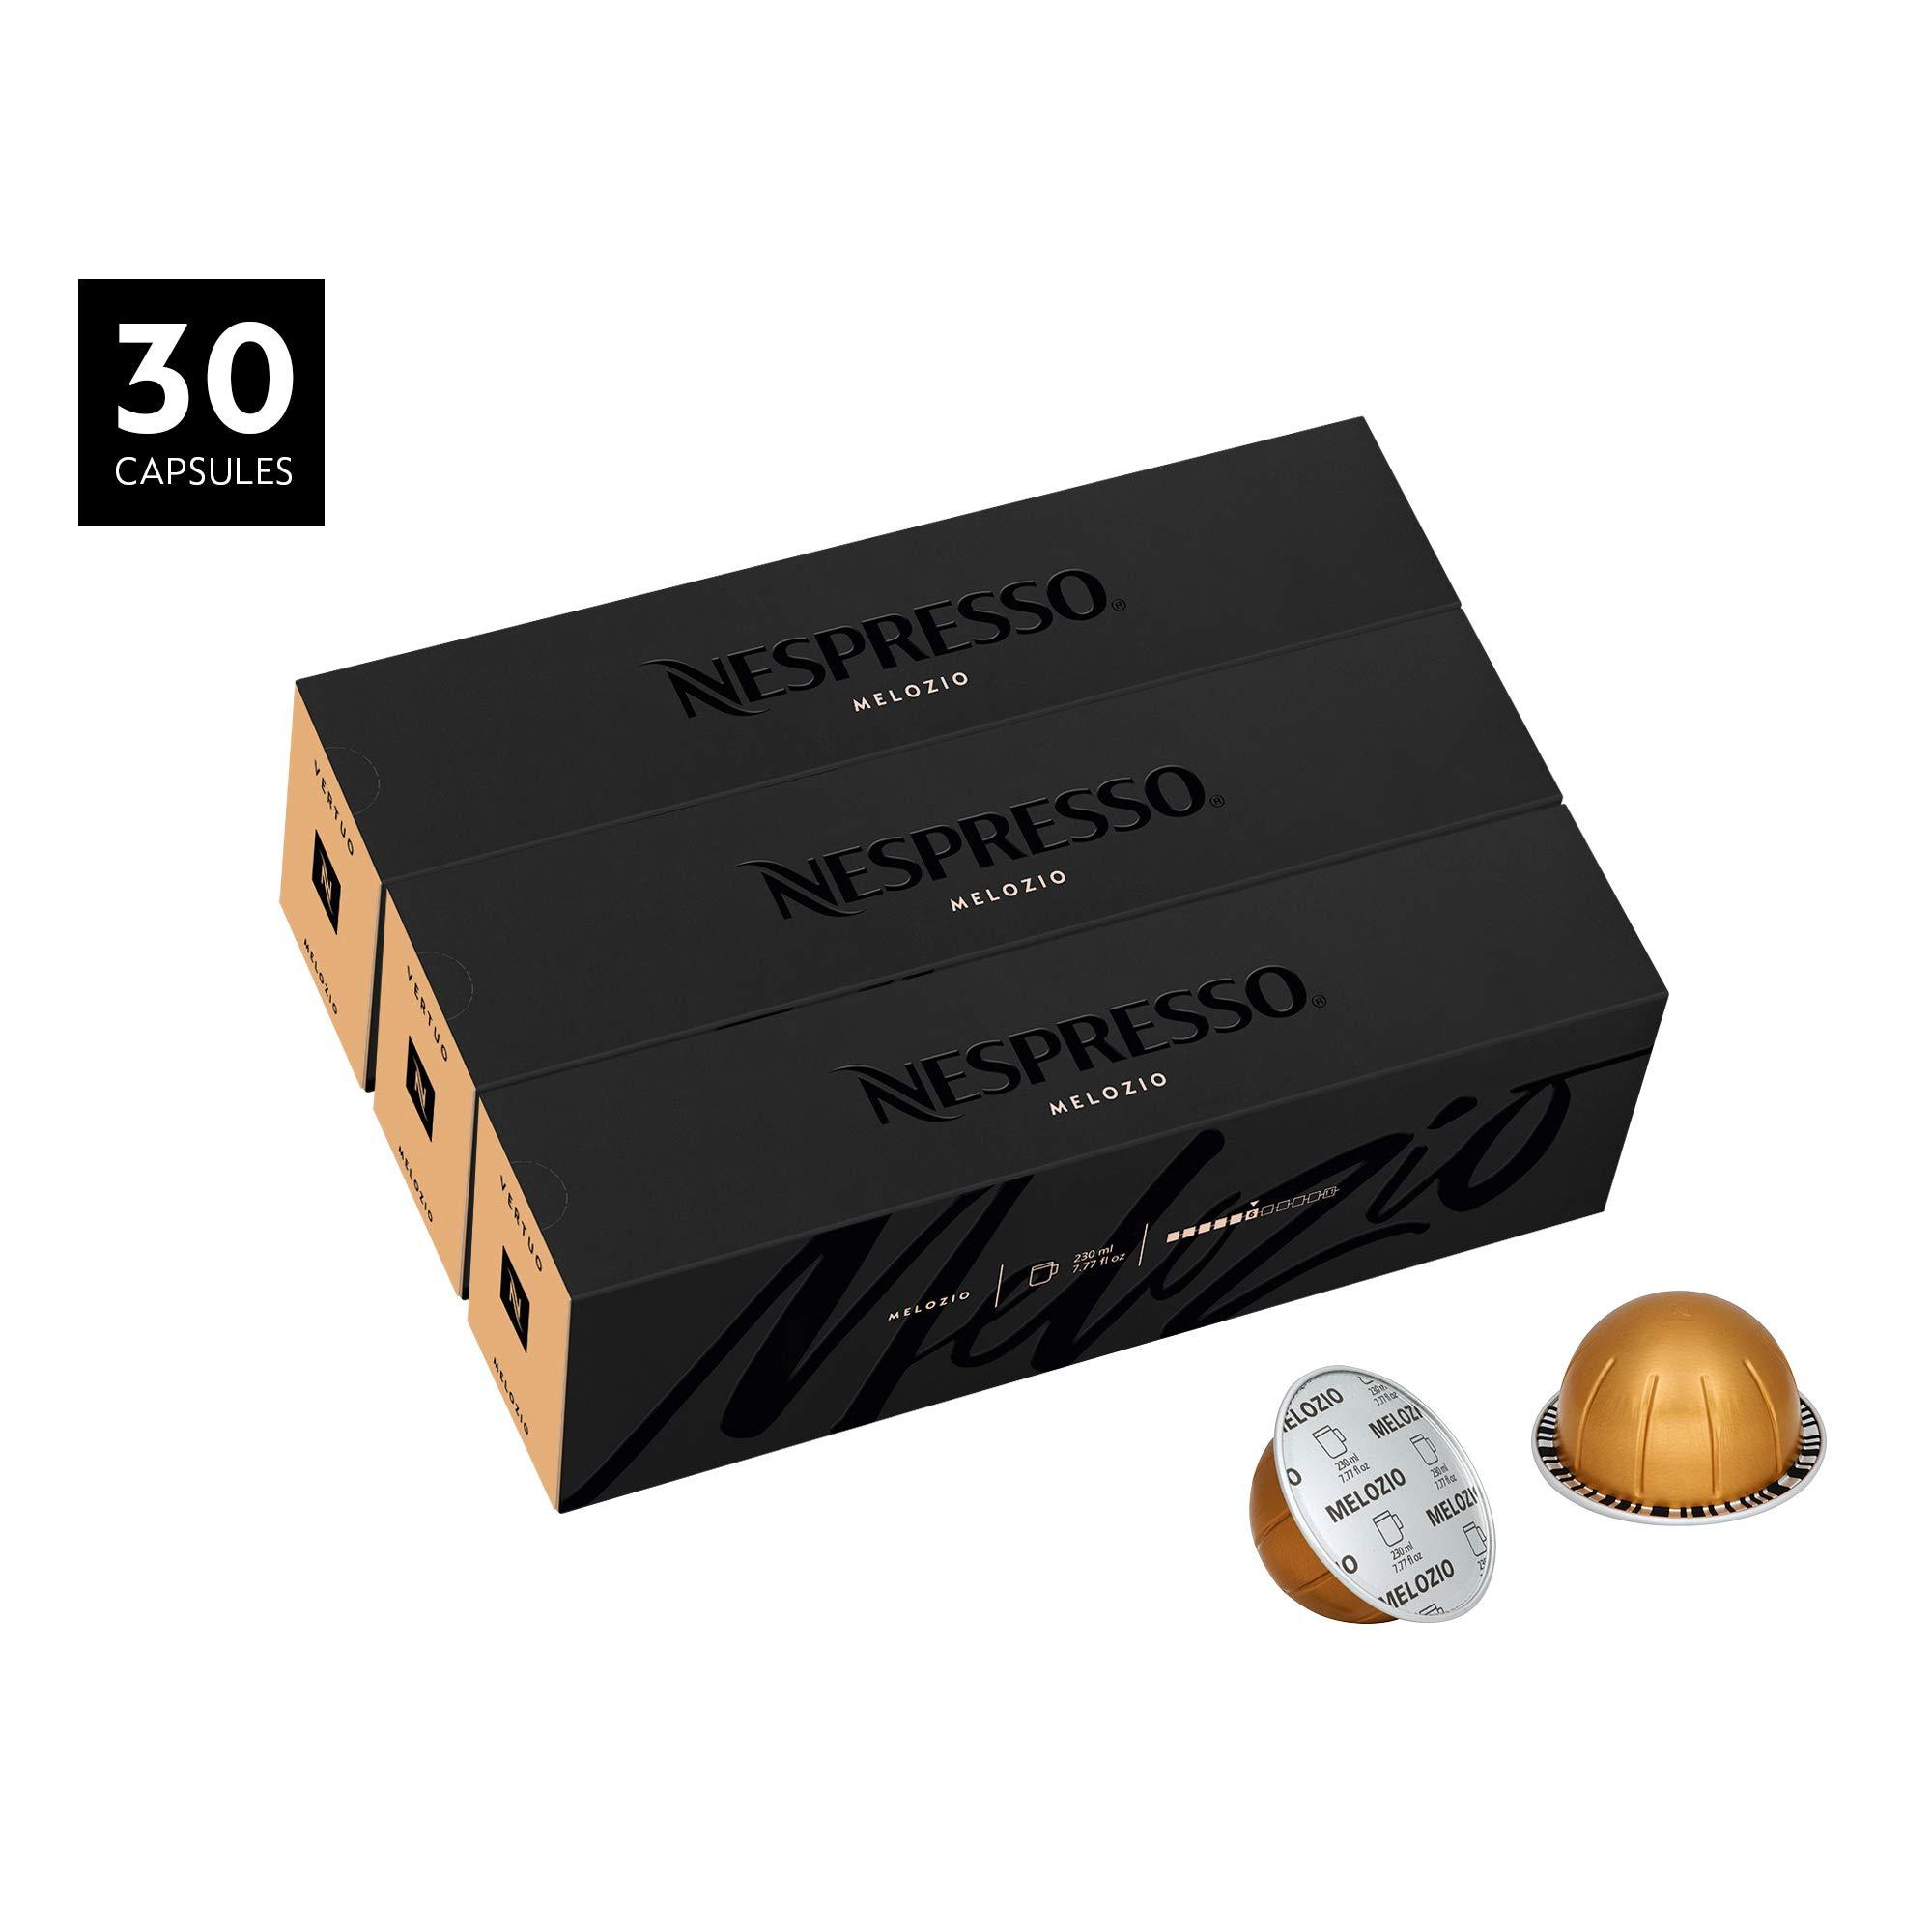 Nespresso VertuoLine Coffee, Melozio, 30 Capsules by Nespresso